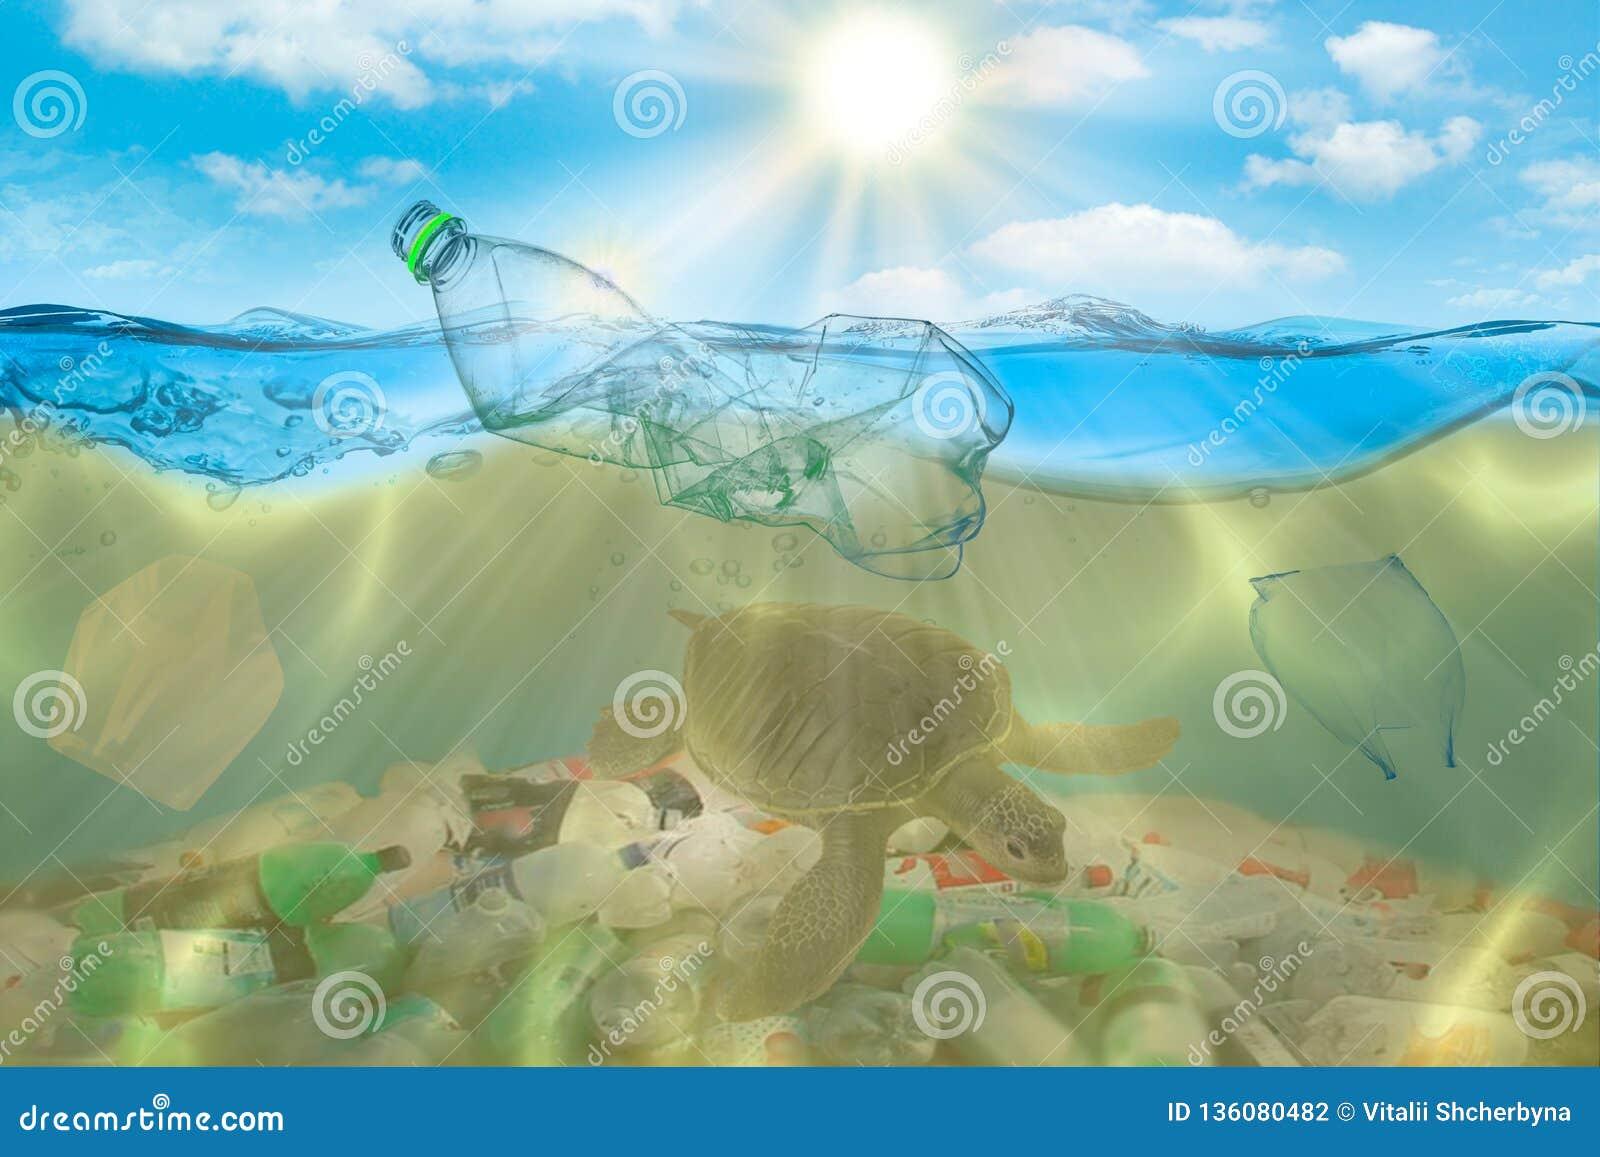 Contaminación plástica en problema ambiental del océano Las tortugas pueden comer las bolsas de plástico que las confunden desde